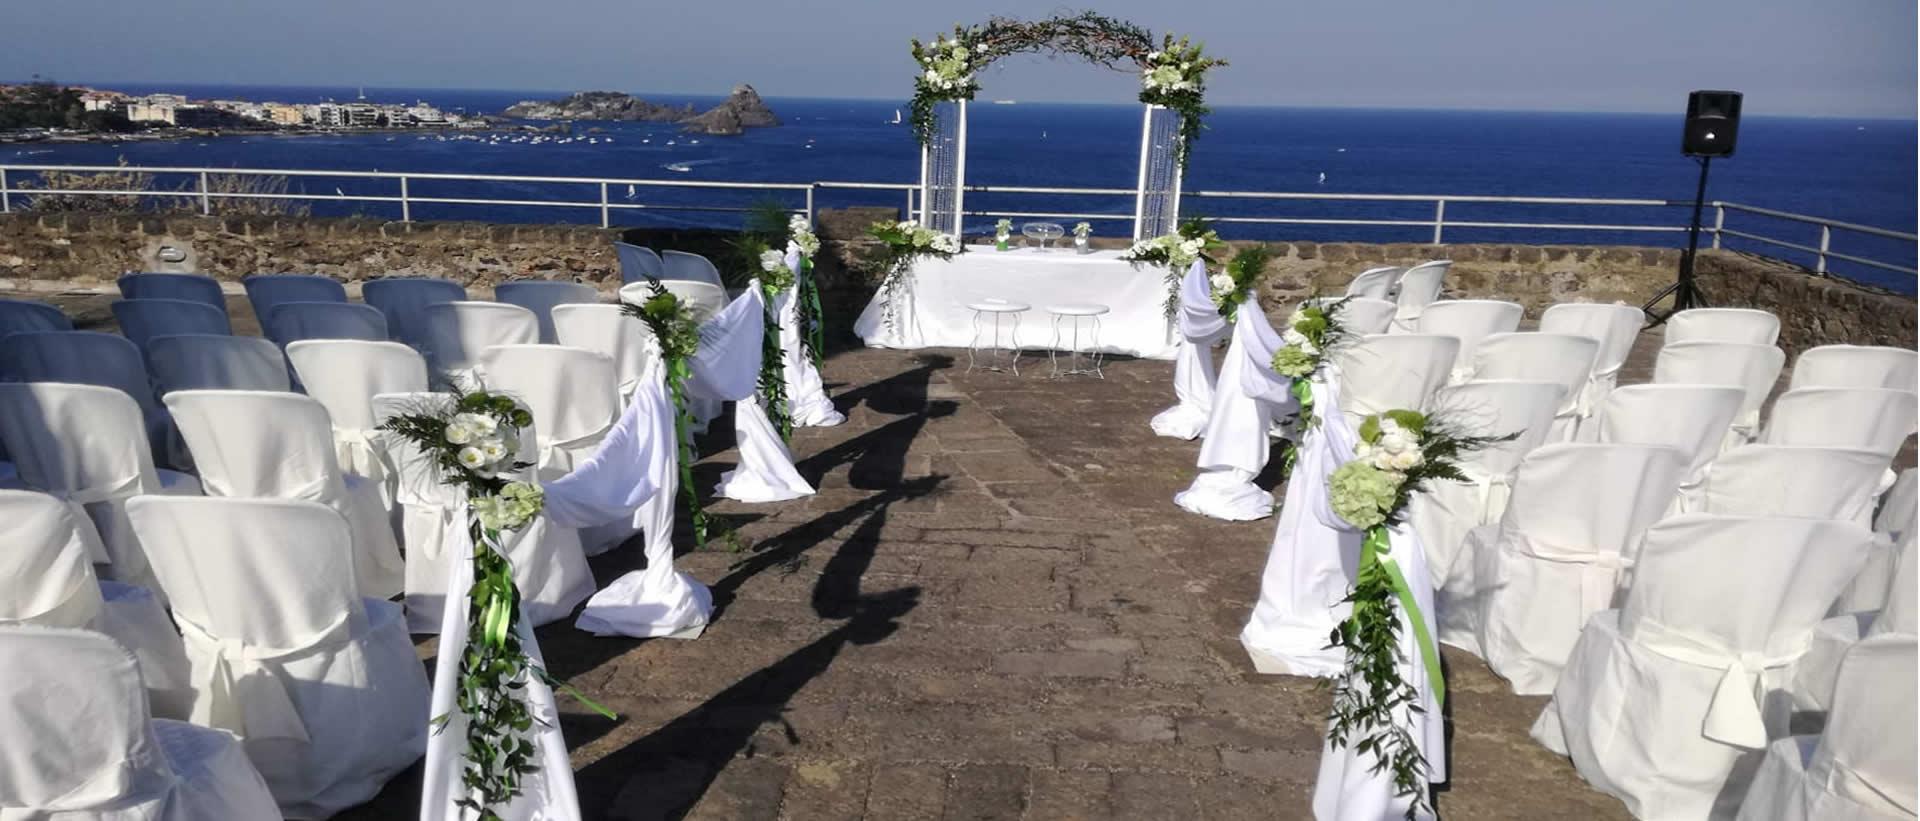 B r eventi noleggio attrezzature per eventi e feste catania - Noleggio tavoli e sedie per feste catania ...